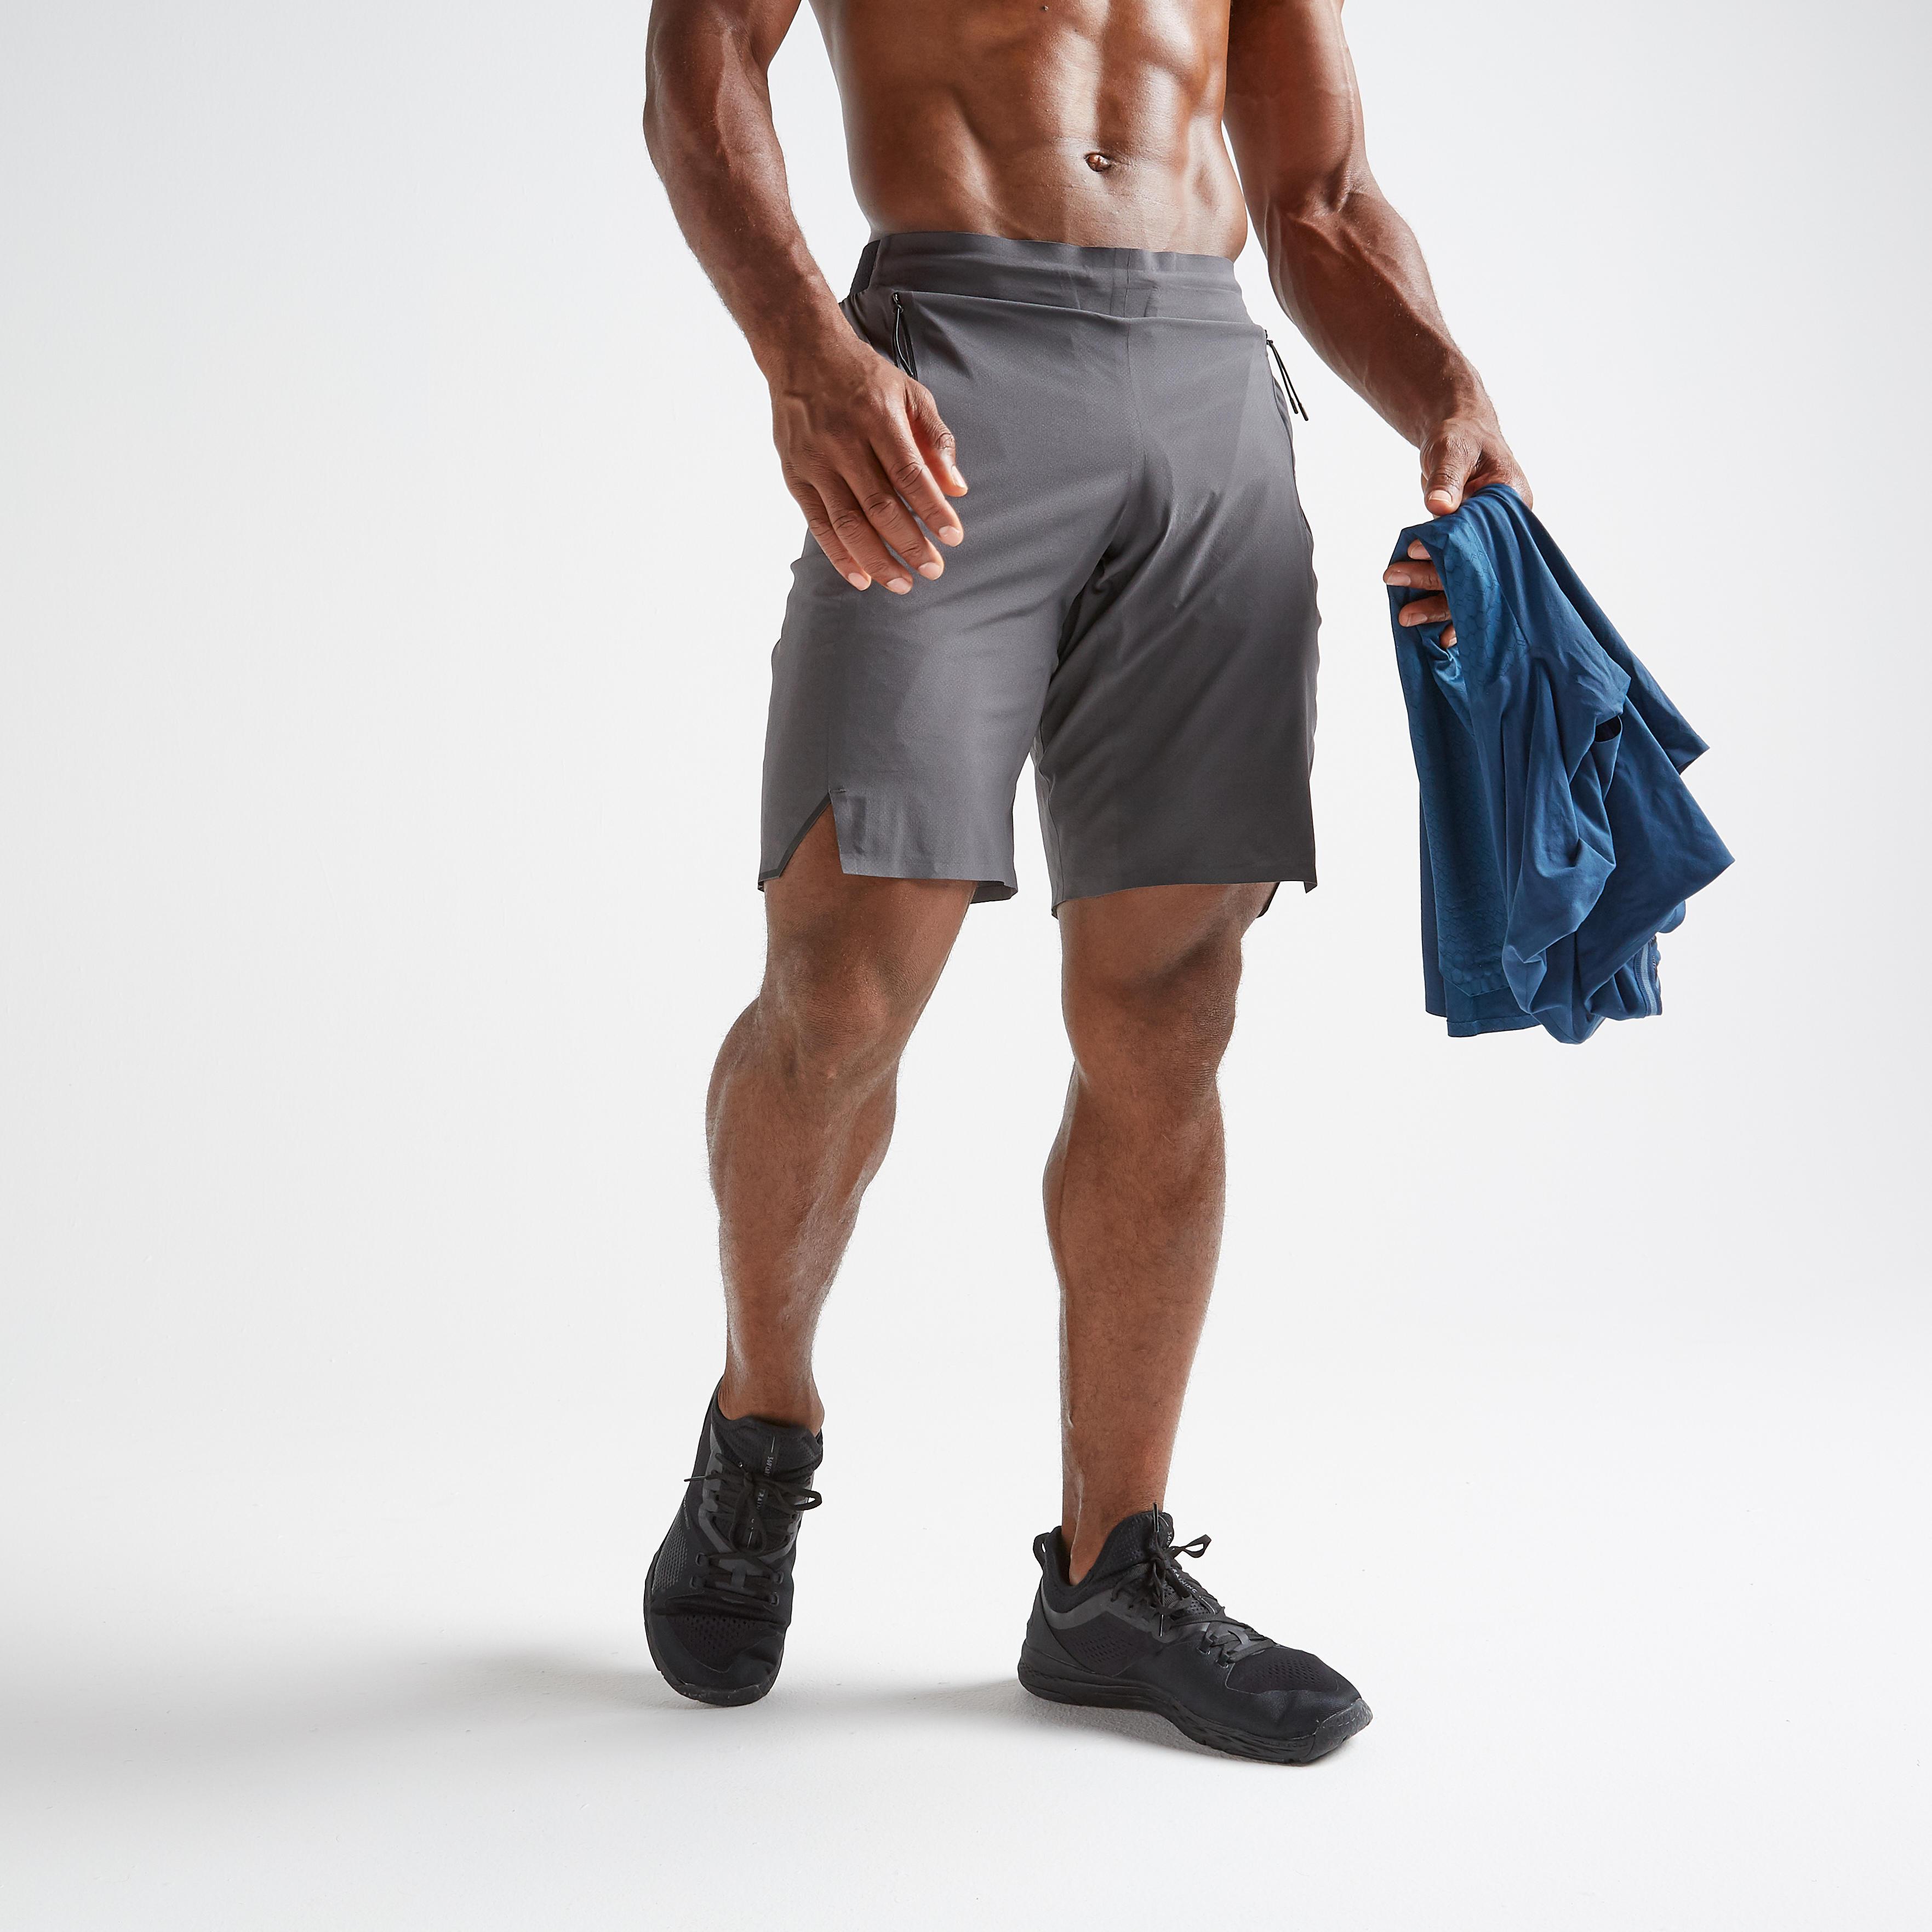 Șort Fitness 900 bărbați la Reducere poza